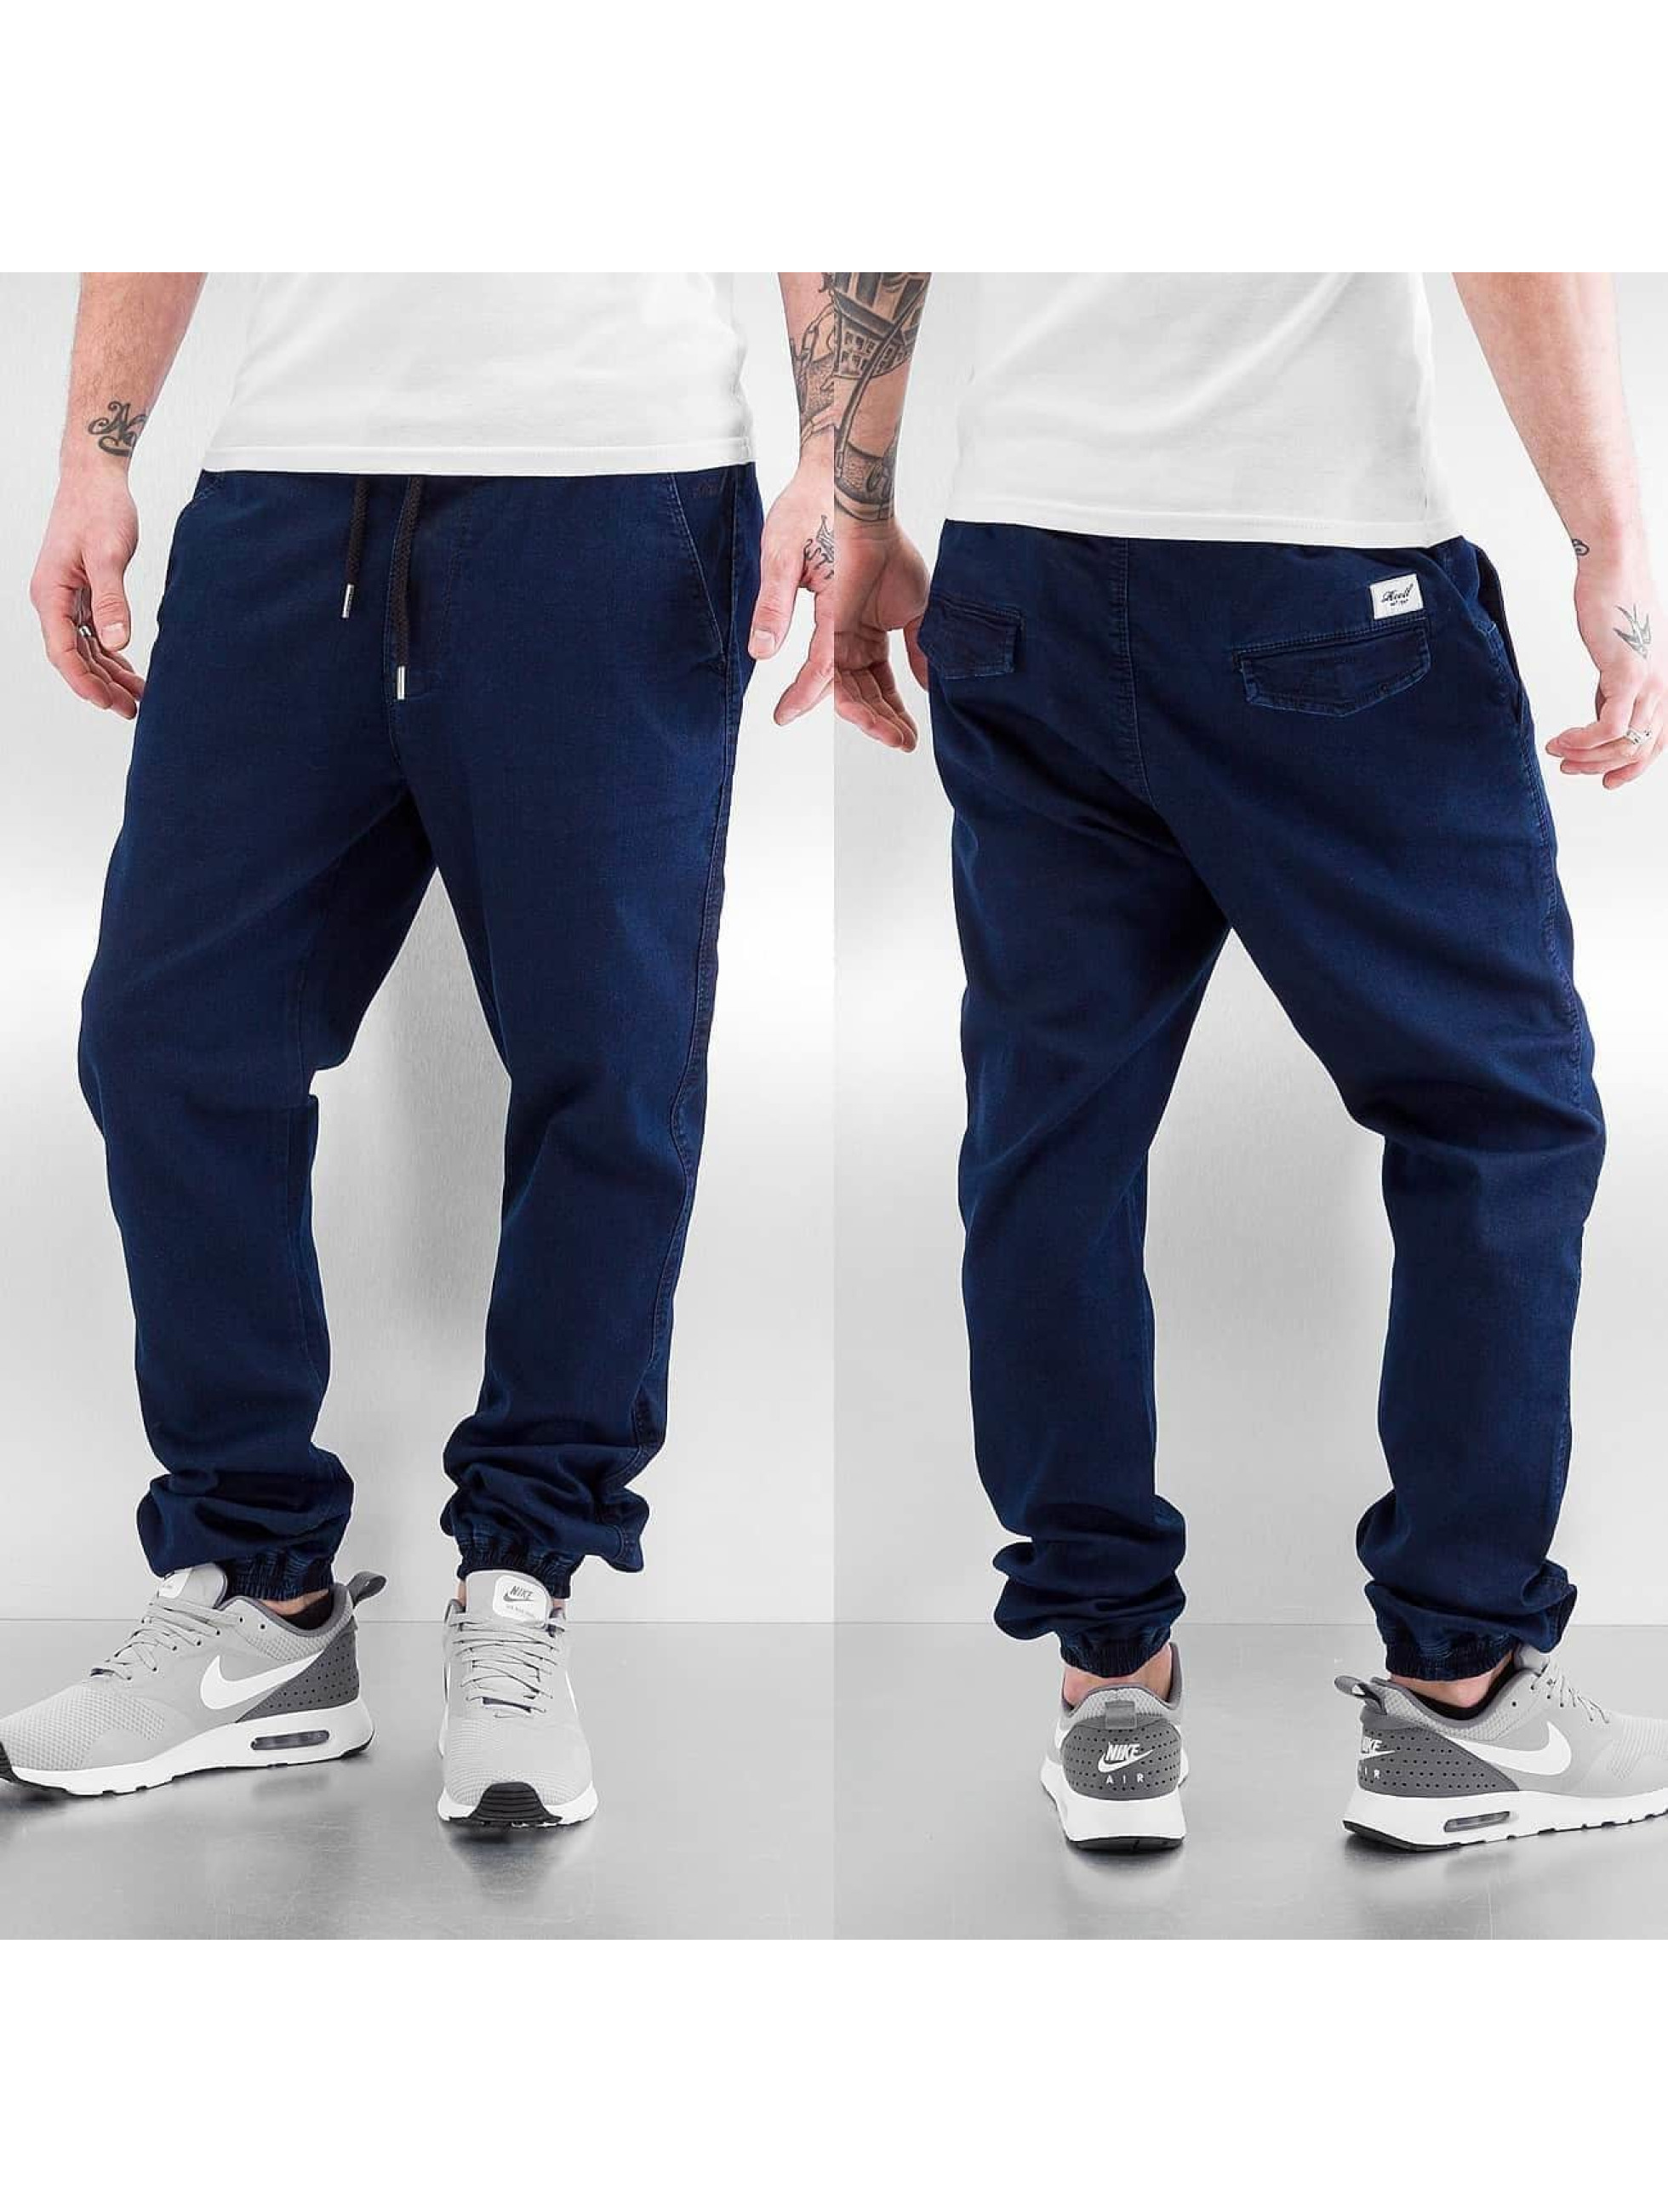 Reell Jeans Спортивные брюки Reflex синий